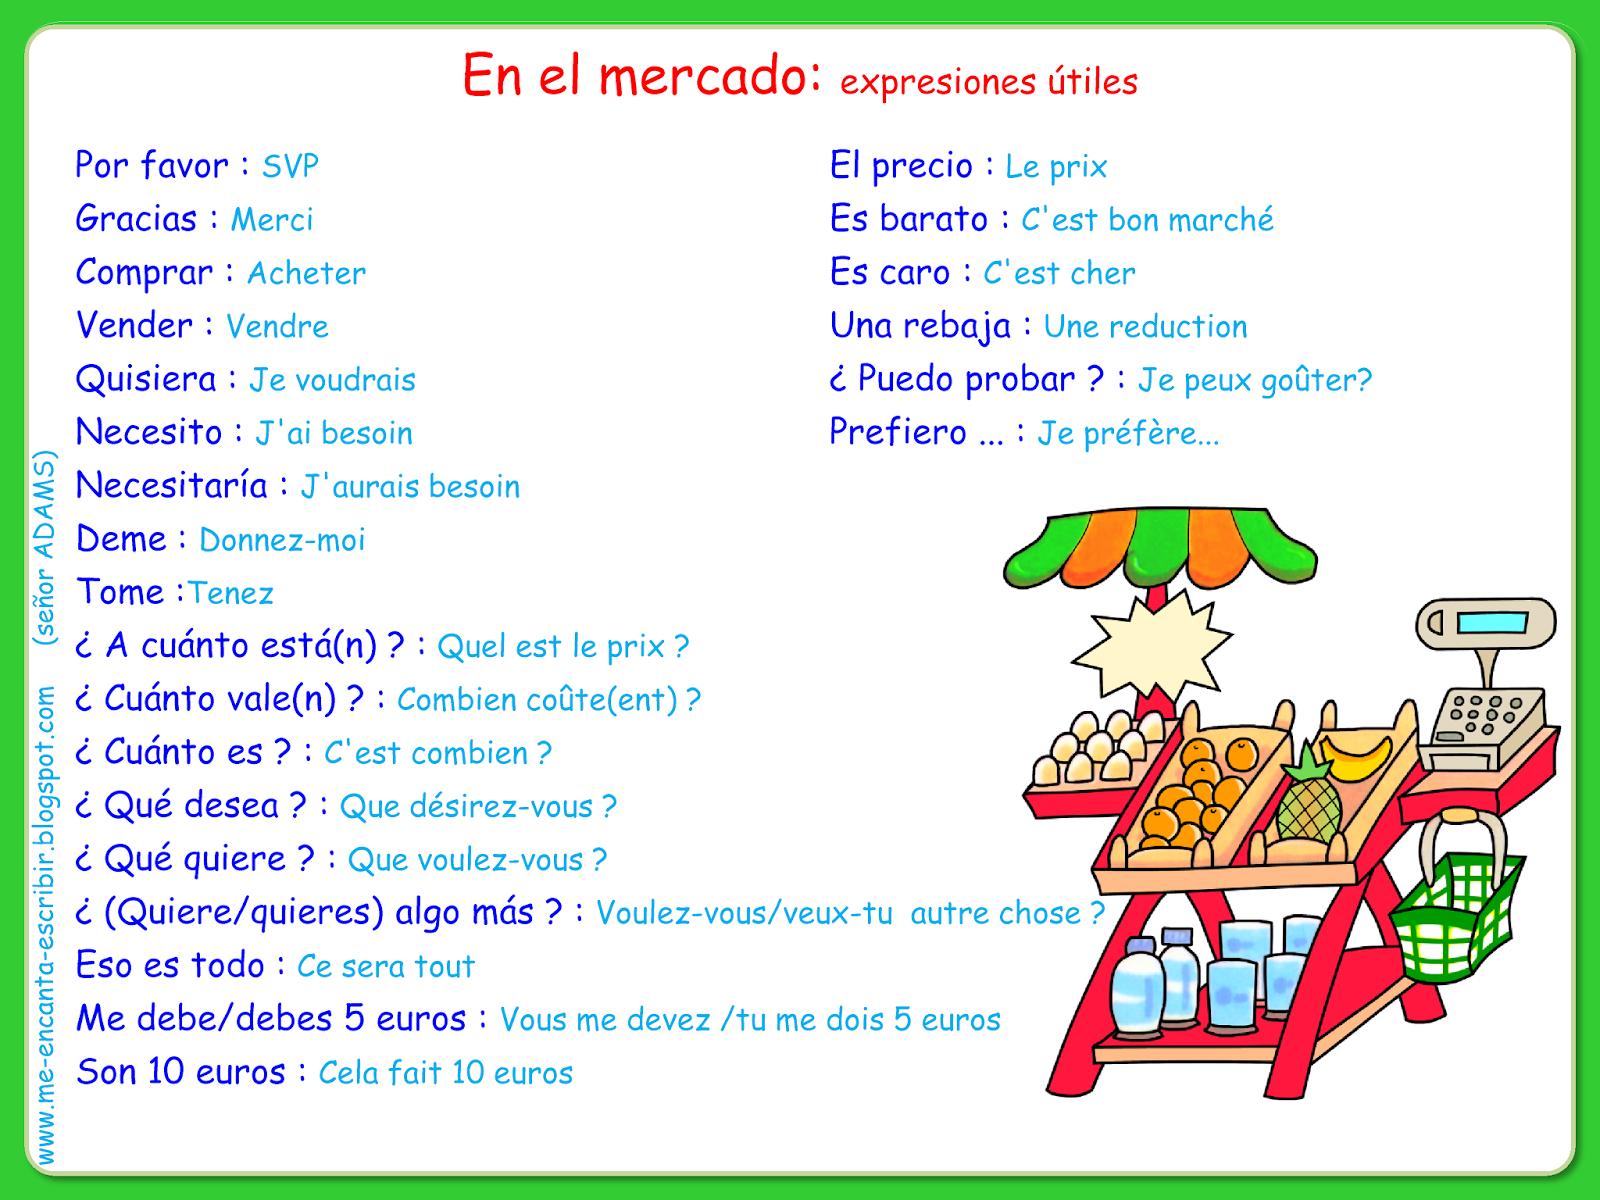 Me Encanta Escribir En Espanol En El Mercado Expresiones